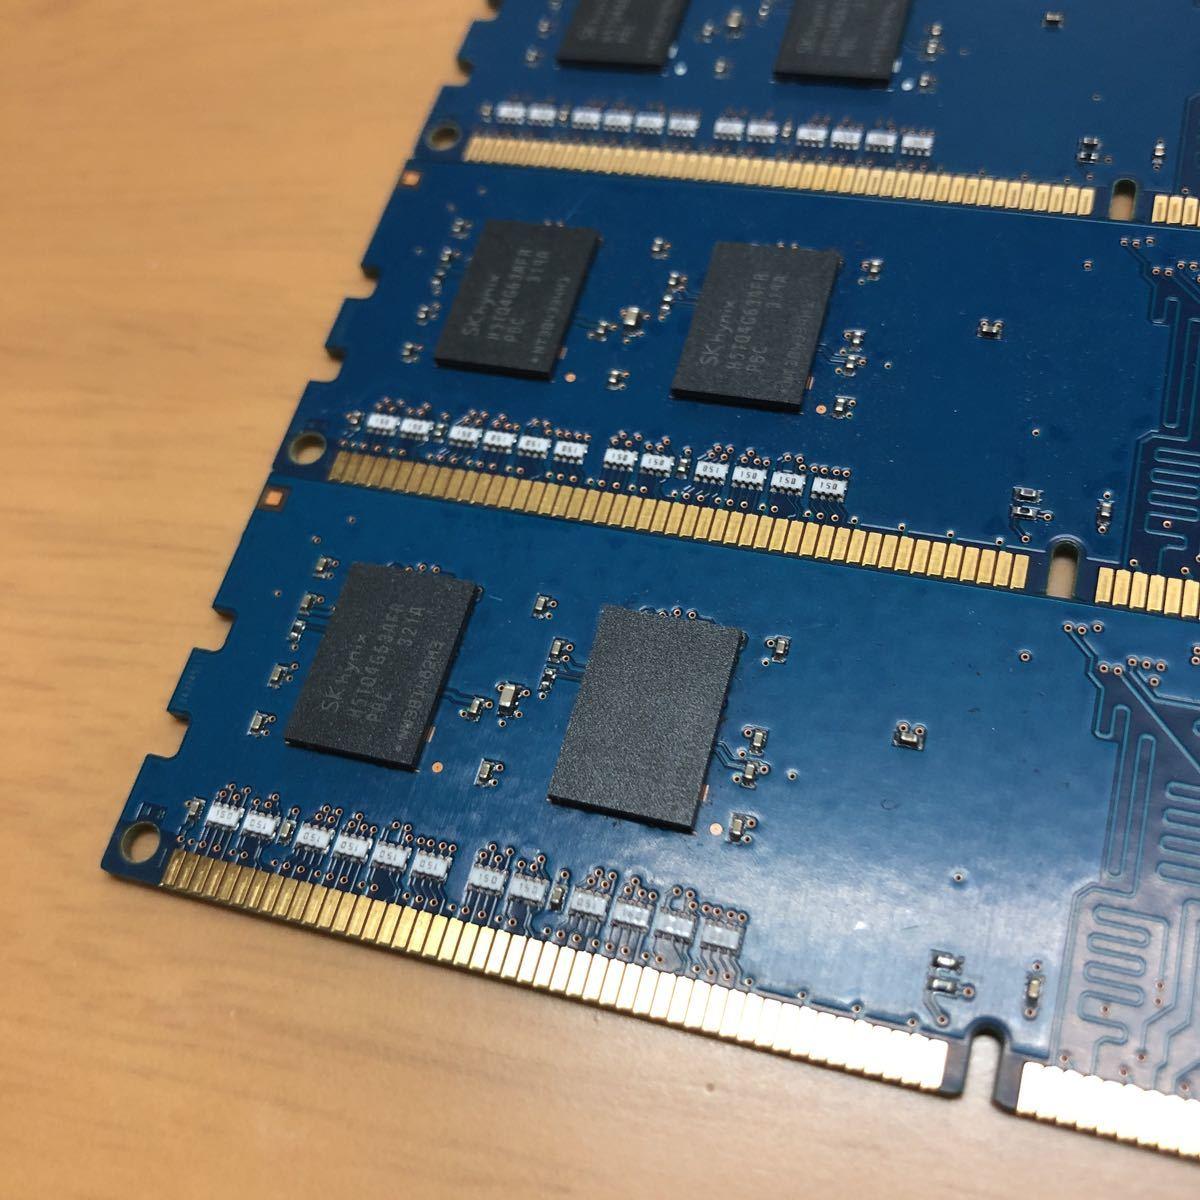 高性能 美品 SK hynix 1Rx16 PC3-12800U-11-12-C1 2GB×4枚 計8GB (DDR3 1600) 片面チップ デスクトップ PCメモリー 完動品_画像8